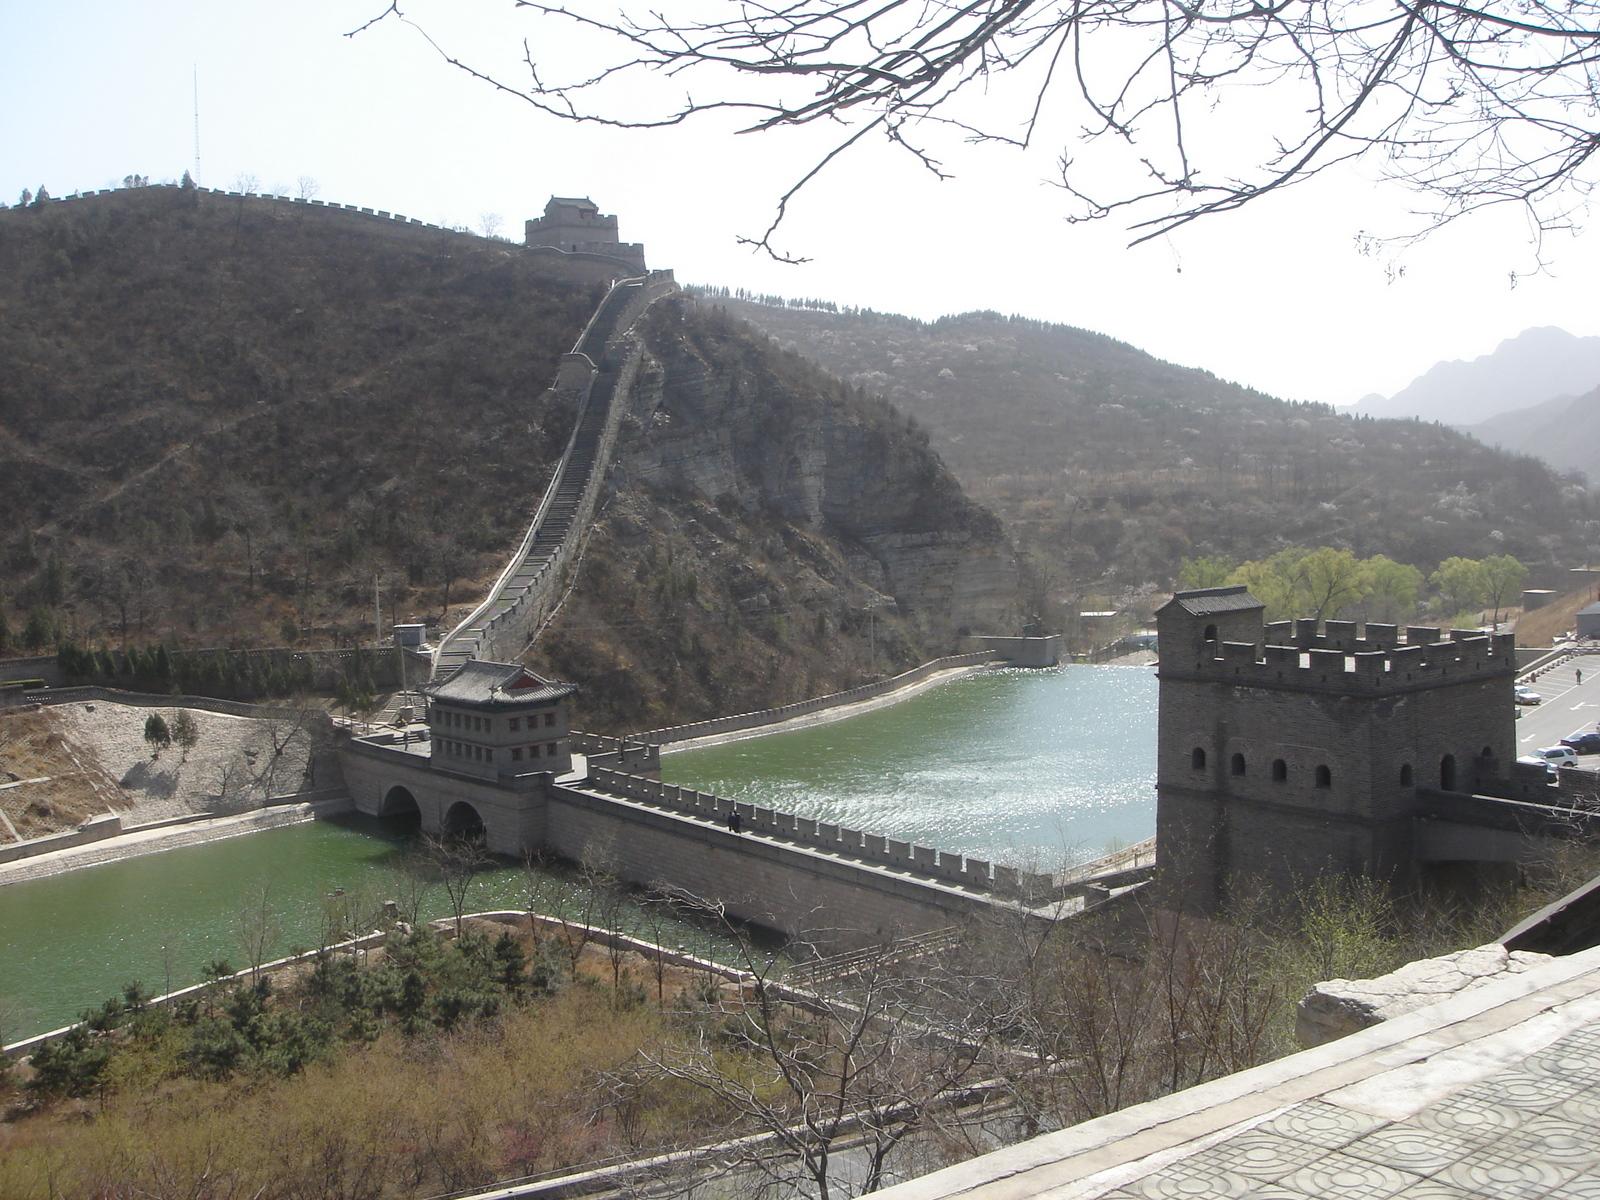 Trecho da Grande Muralha da China que passa sobre um rio